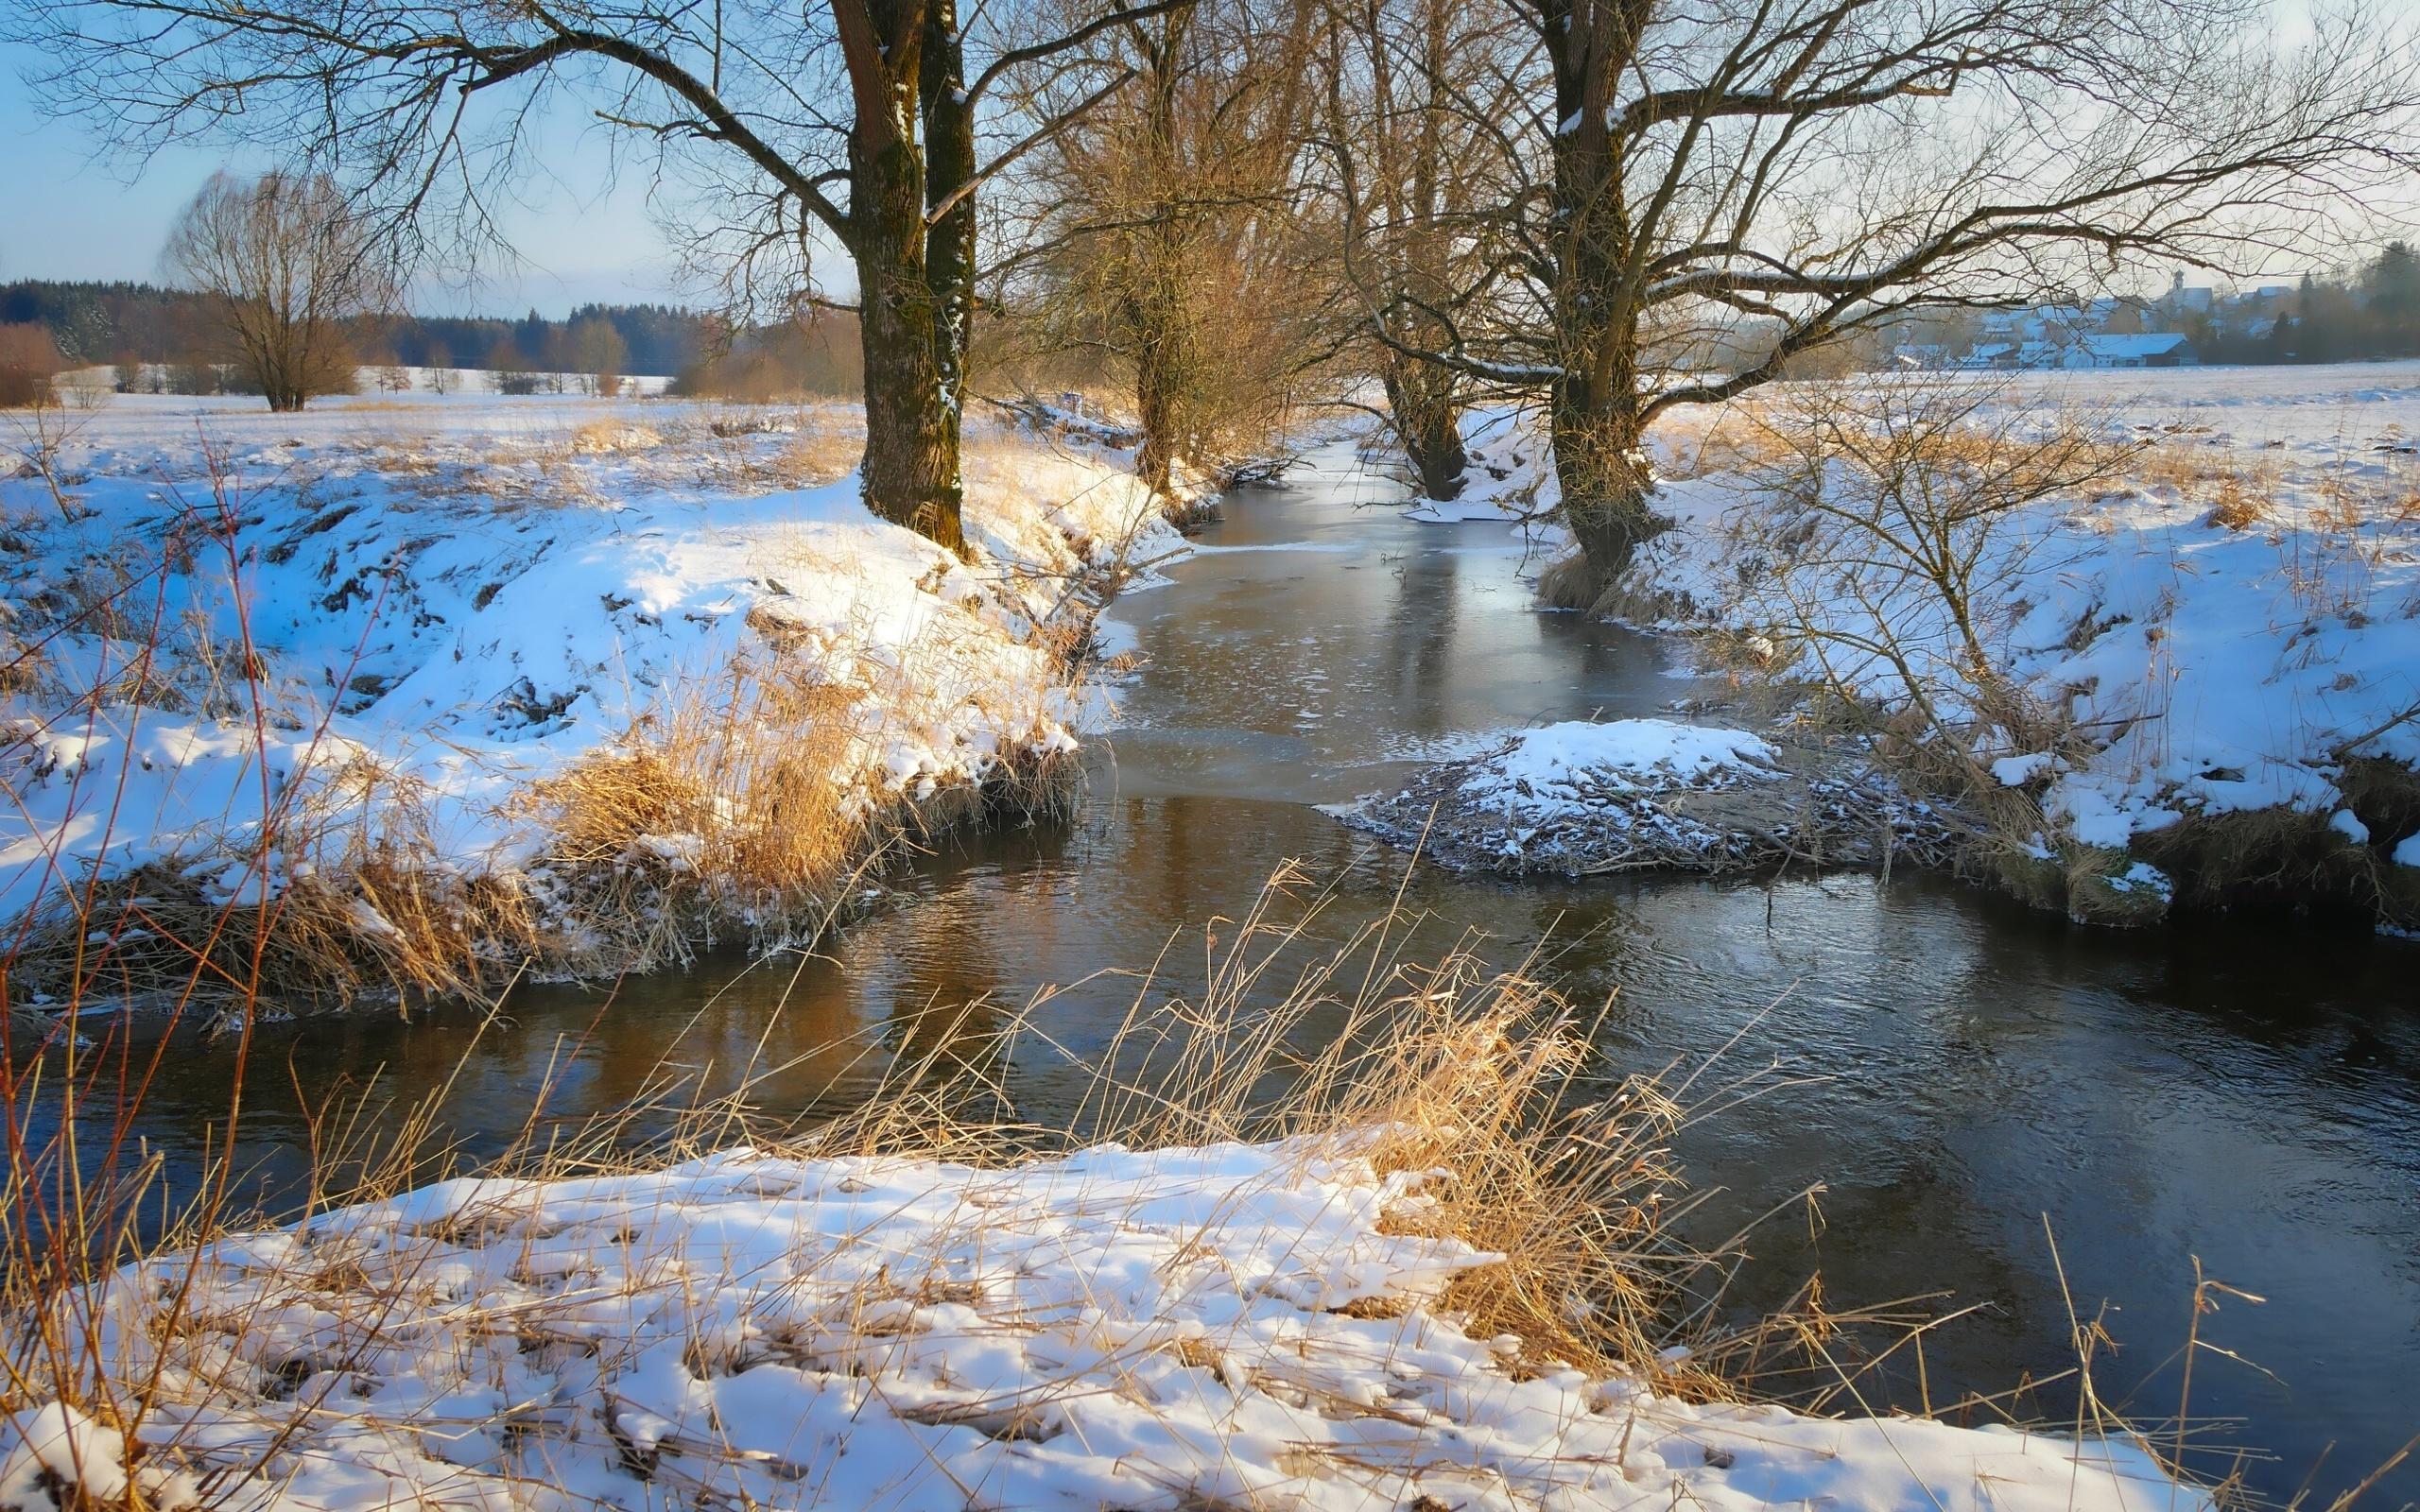 природа, пейзаж, речушка, деревья, травы, зима, снег